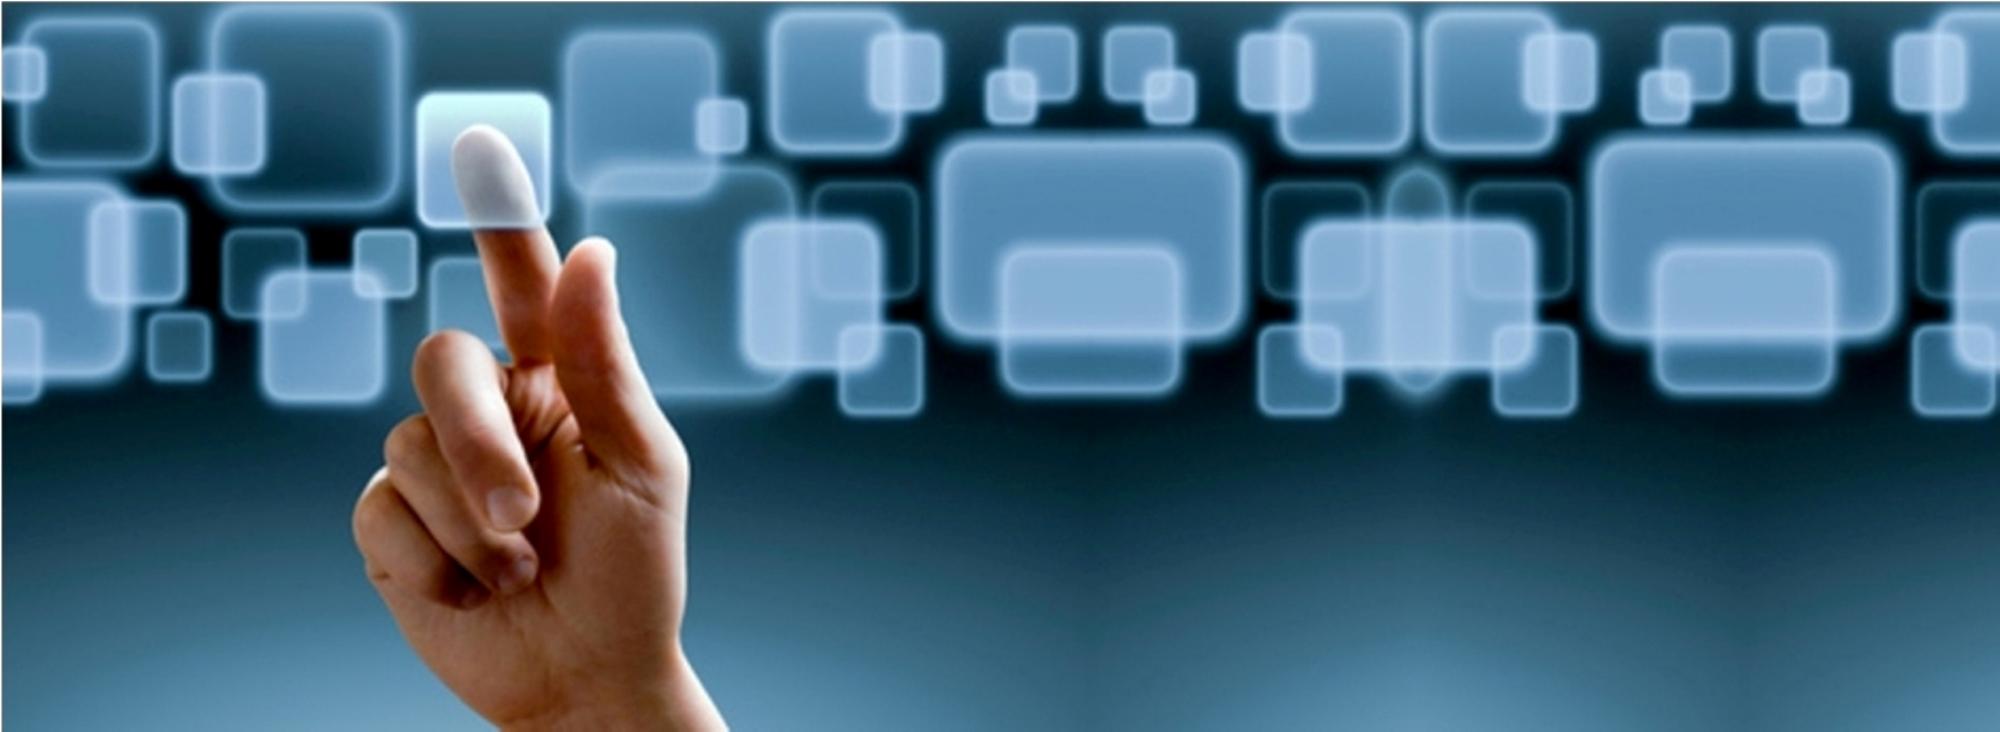 Sở hữu trí tuệ và chuyển giao công nghệ